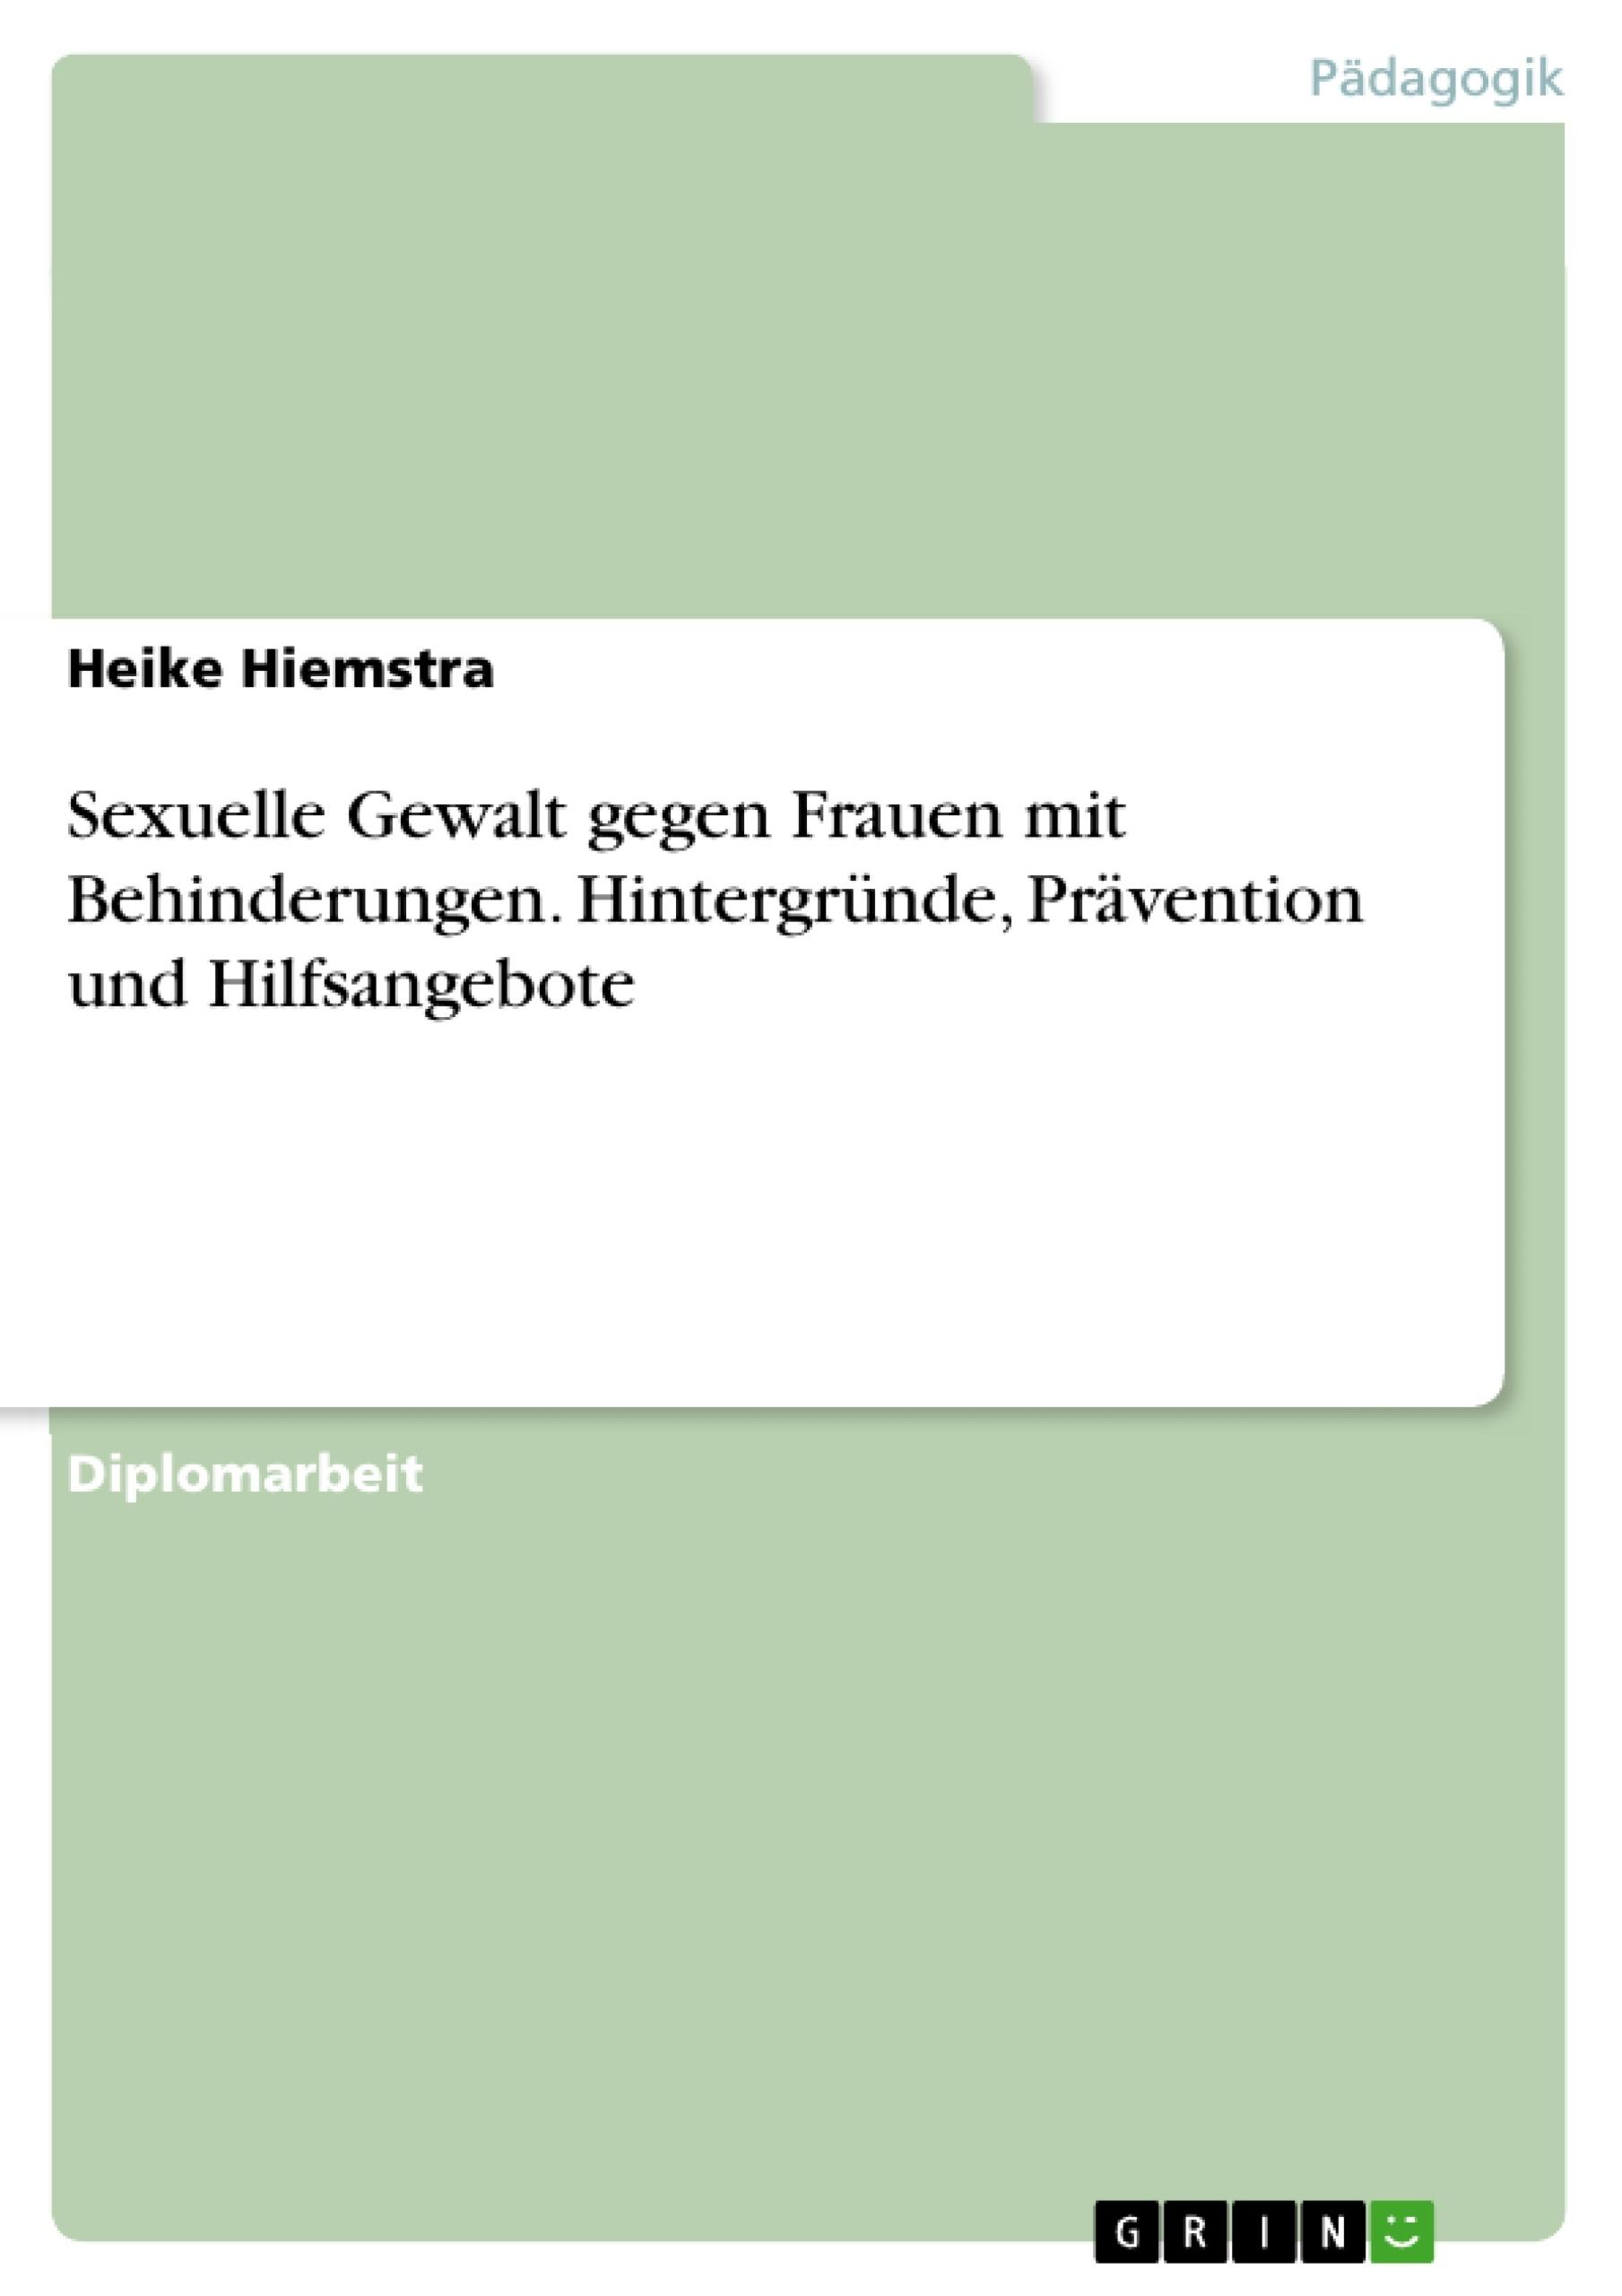 Titel: Sexuelle Gewalt gegen Frauen mit Behinderungen. Hintergründe, Prävention und Hilfsangebote